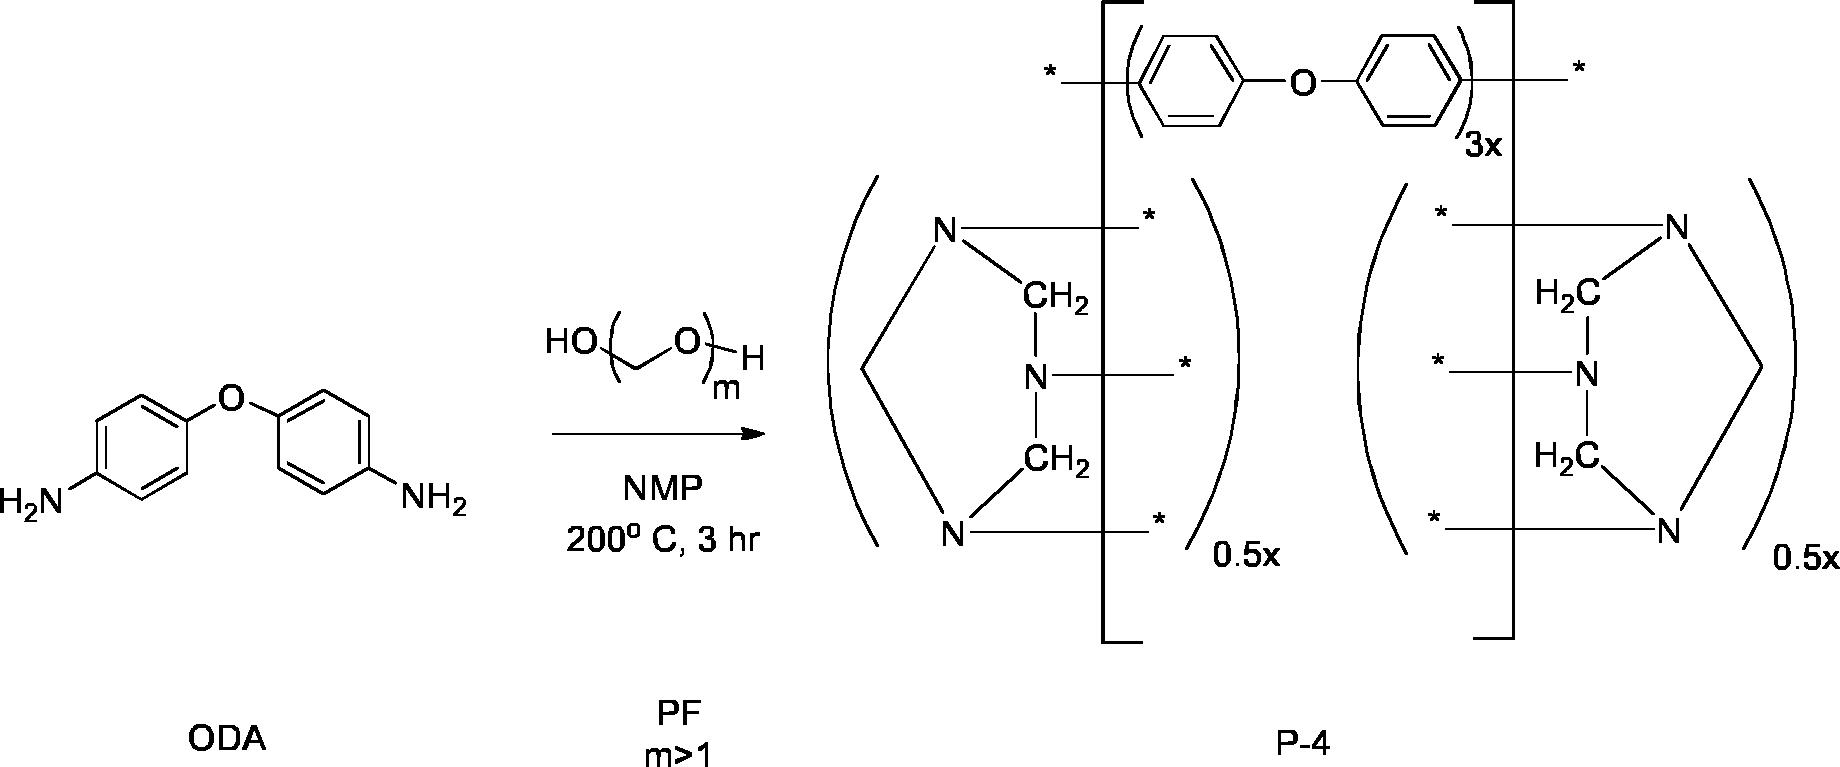 Figure DE112014004152T5_0029